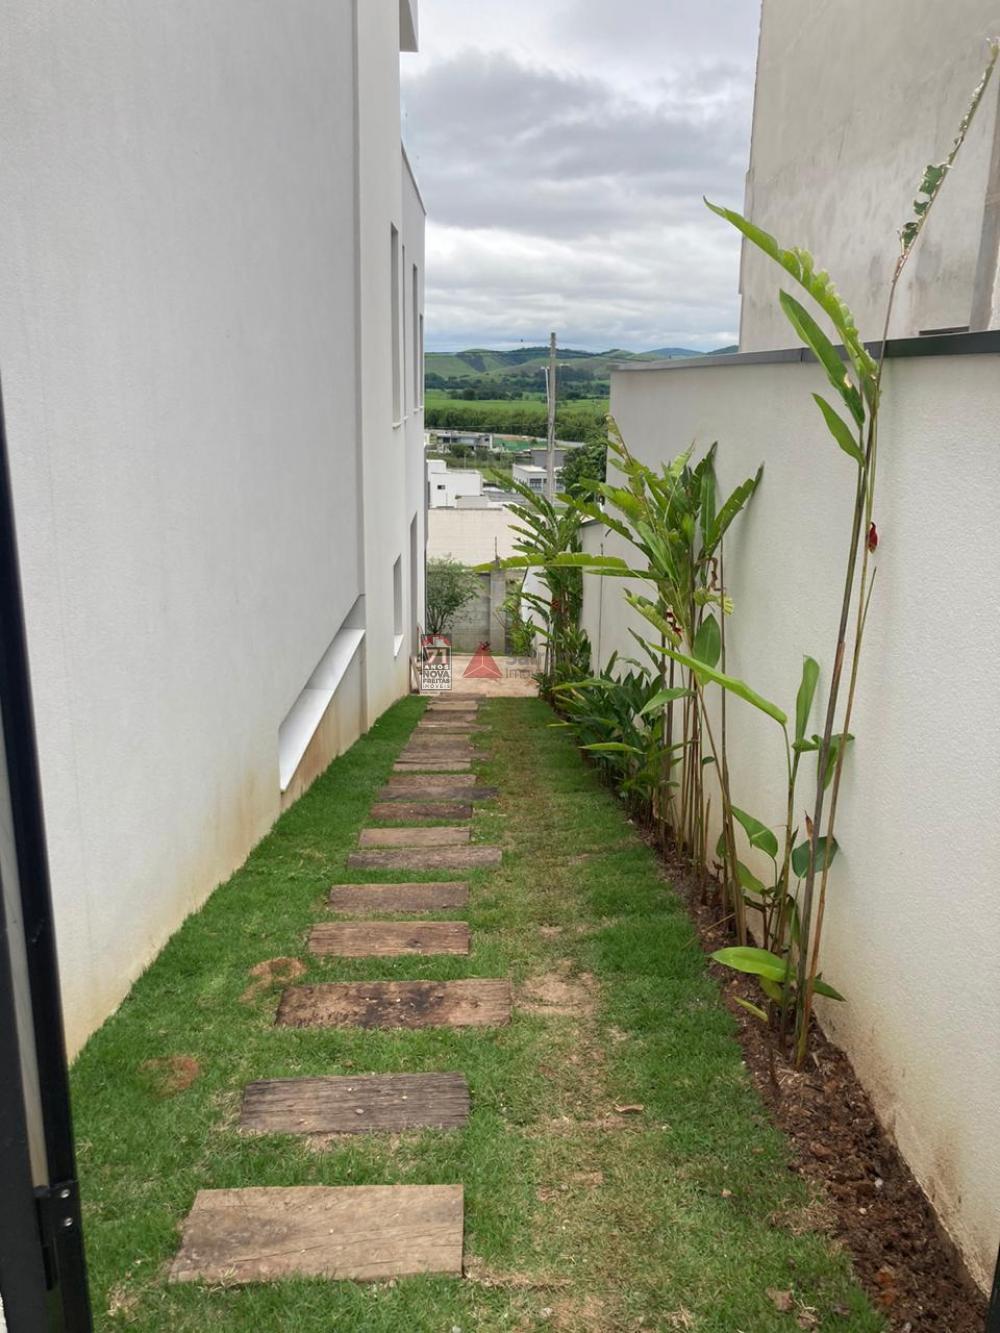 Comprar Casa / Sobrado em Condomínio em São José dos Campos apenas R$ 3.000.000,00 - Foto 19